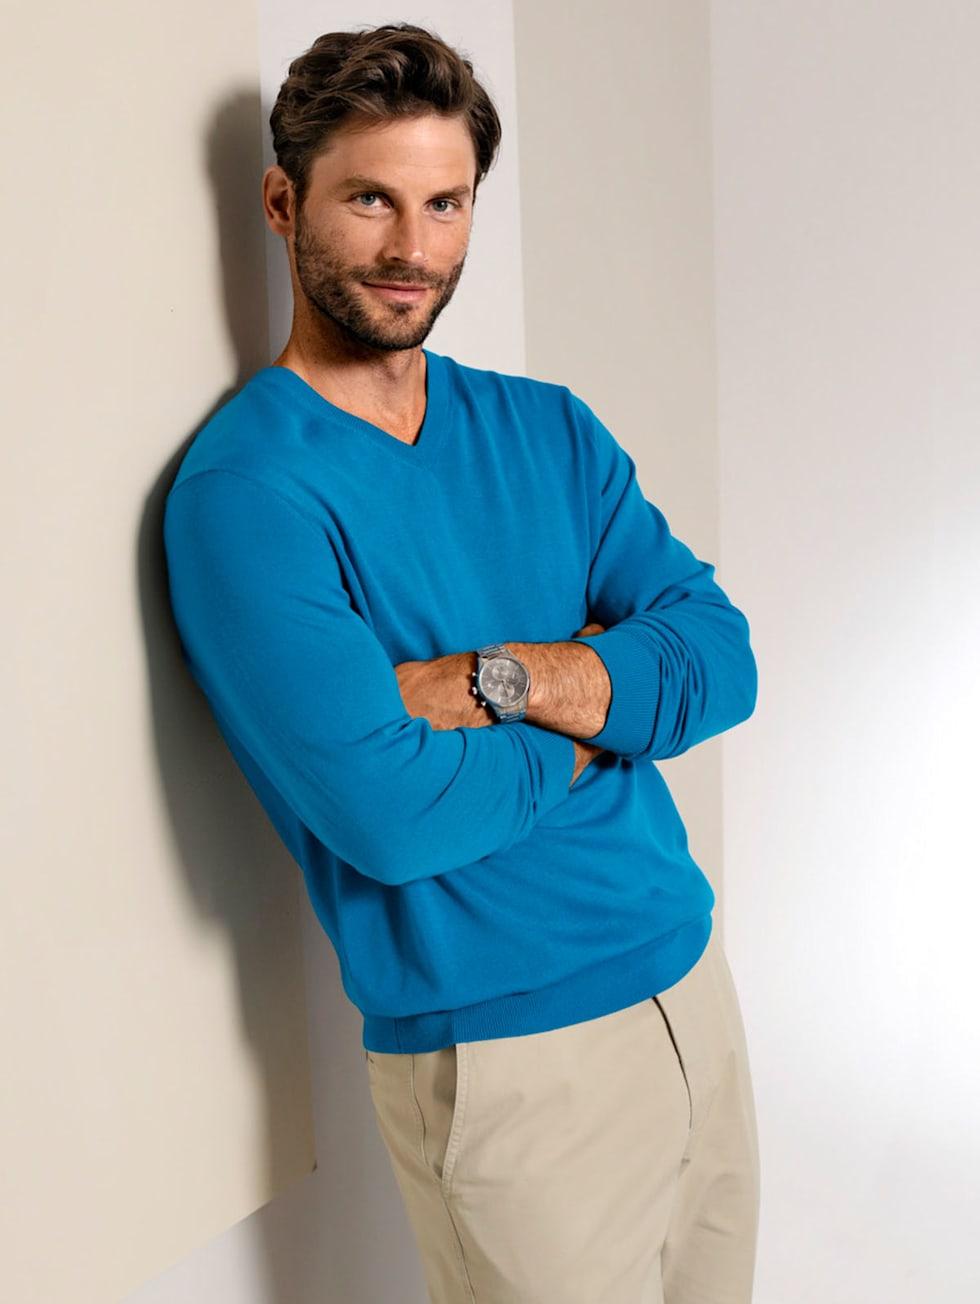 Premium-Outfit: Pullover in Türkis, Hose in Beige und eine elegante Herrenuhr